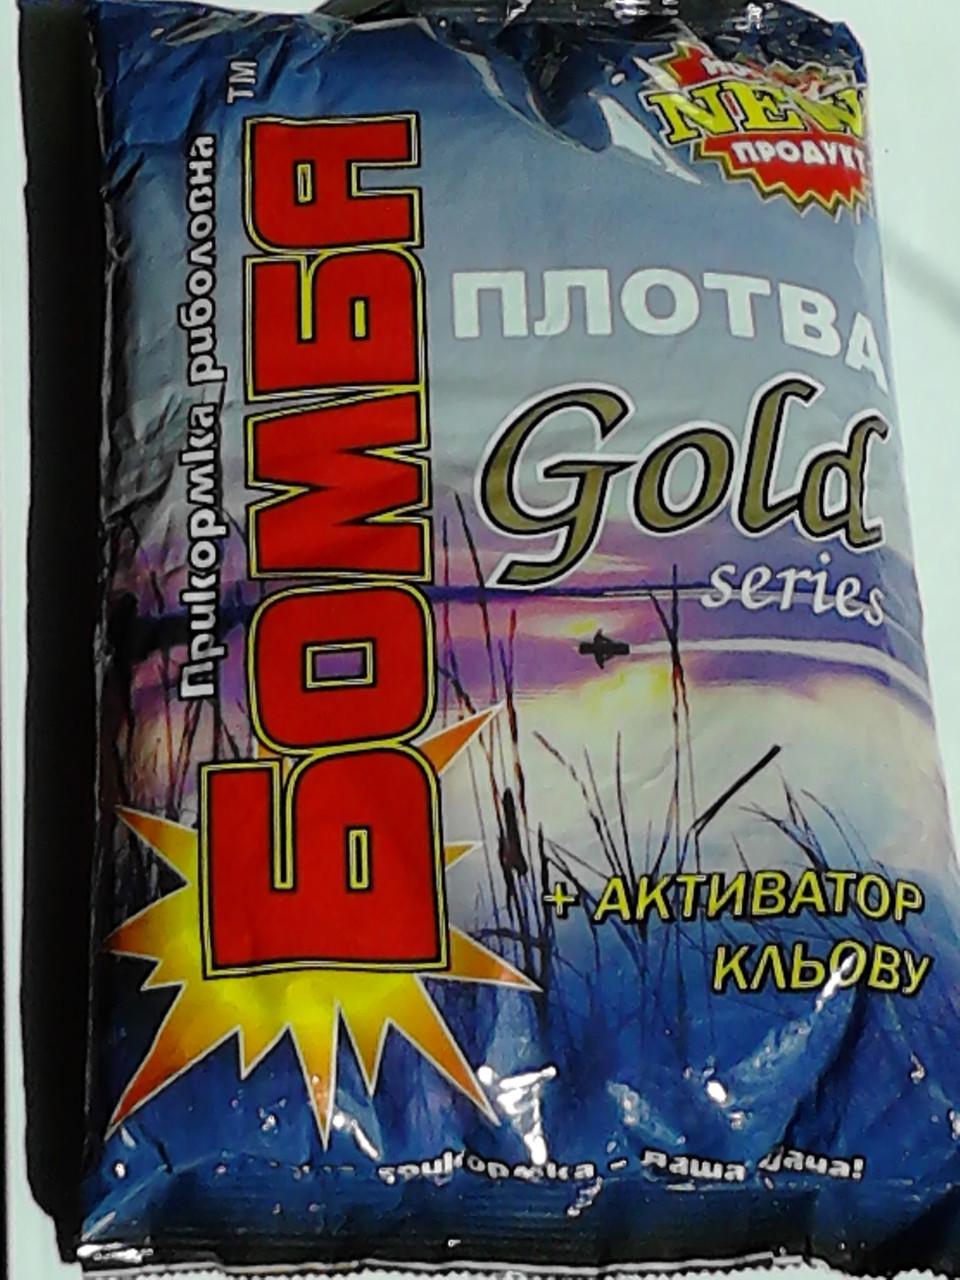 Прикормка Бомба Плотва Gold series